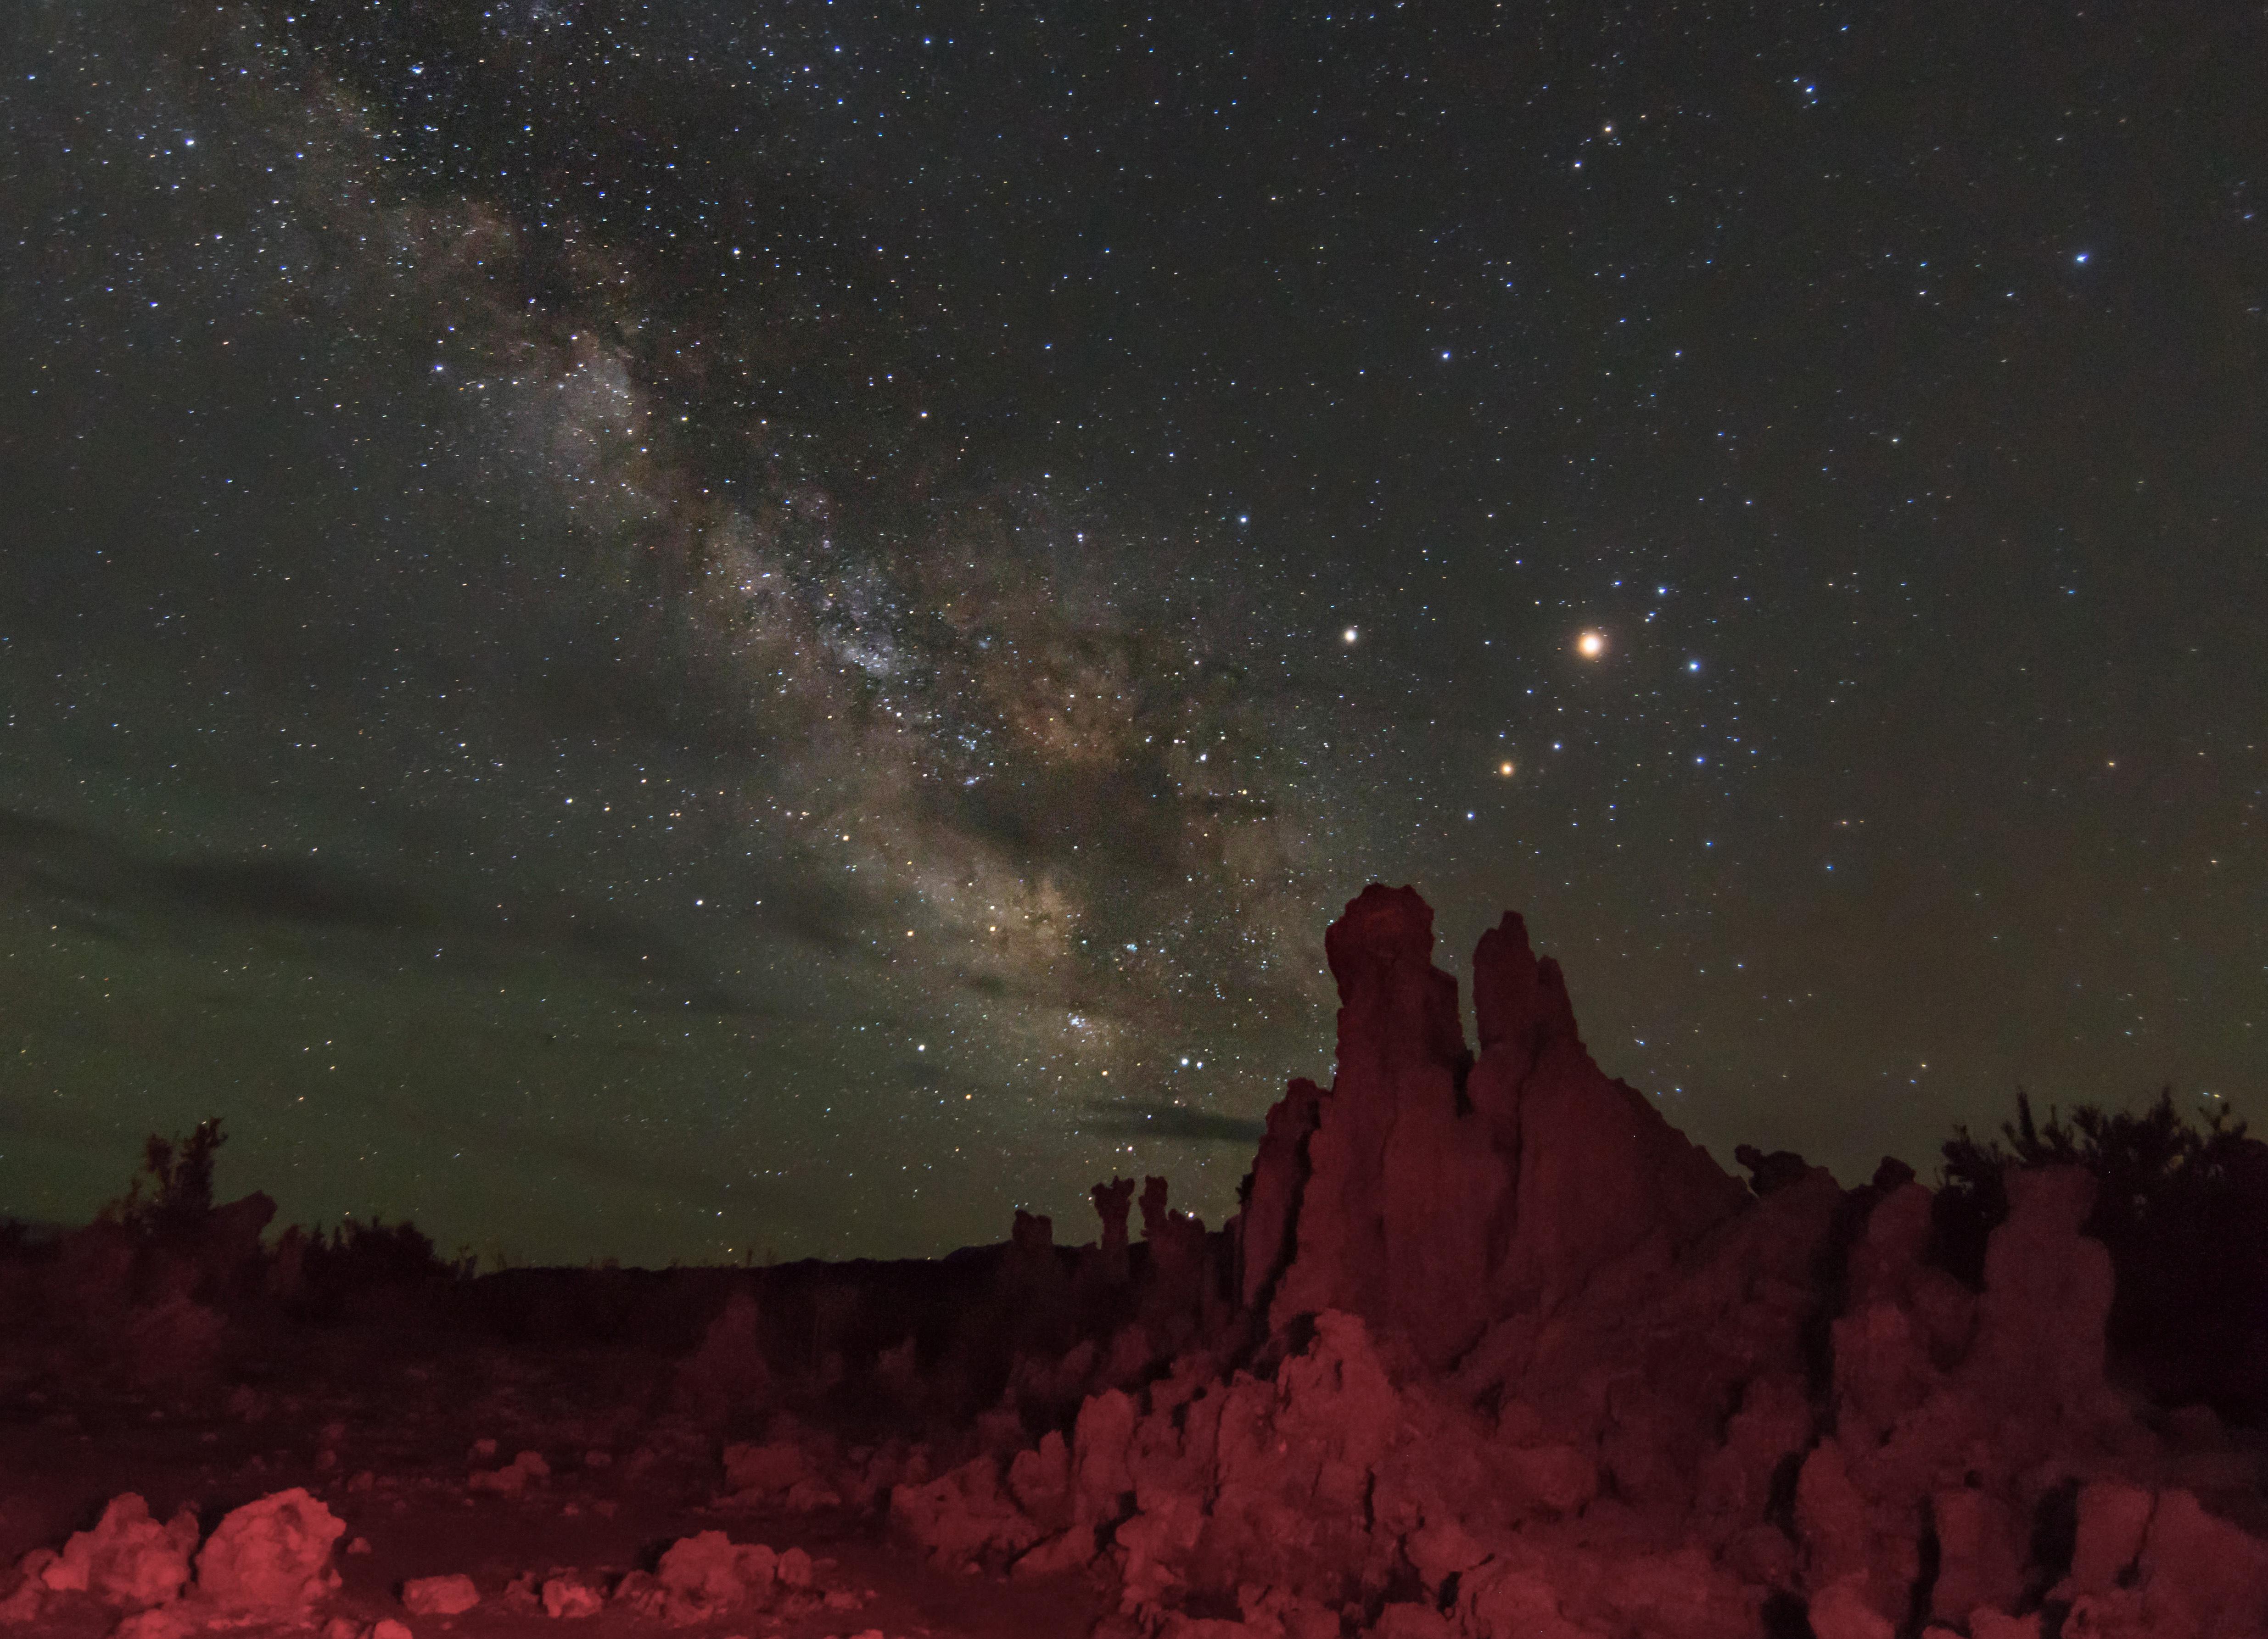 Unduh 52 Koleksi Wallpaper Pemandangan Galaxy Gratis Terbaru